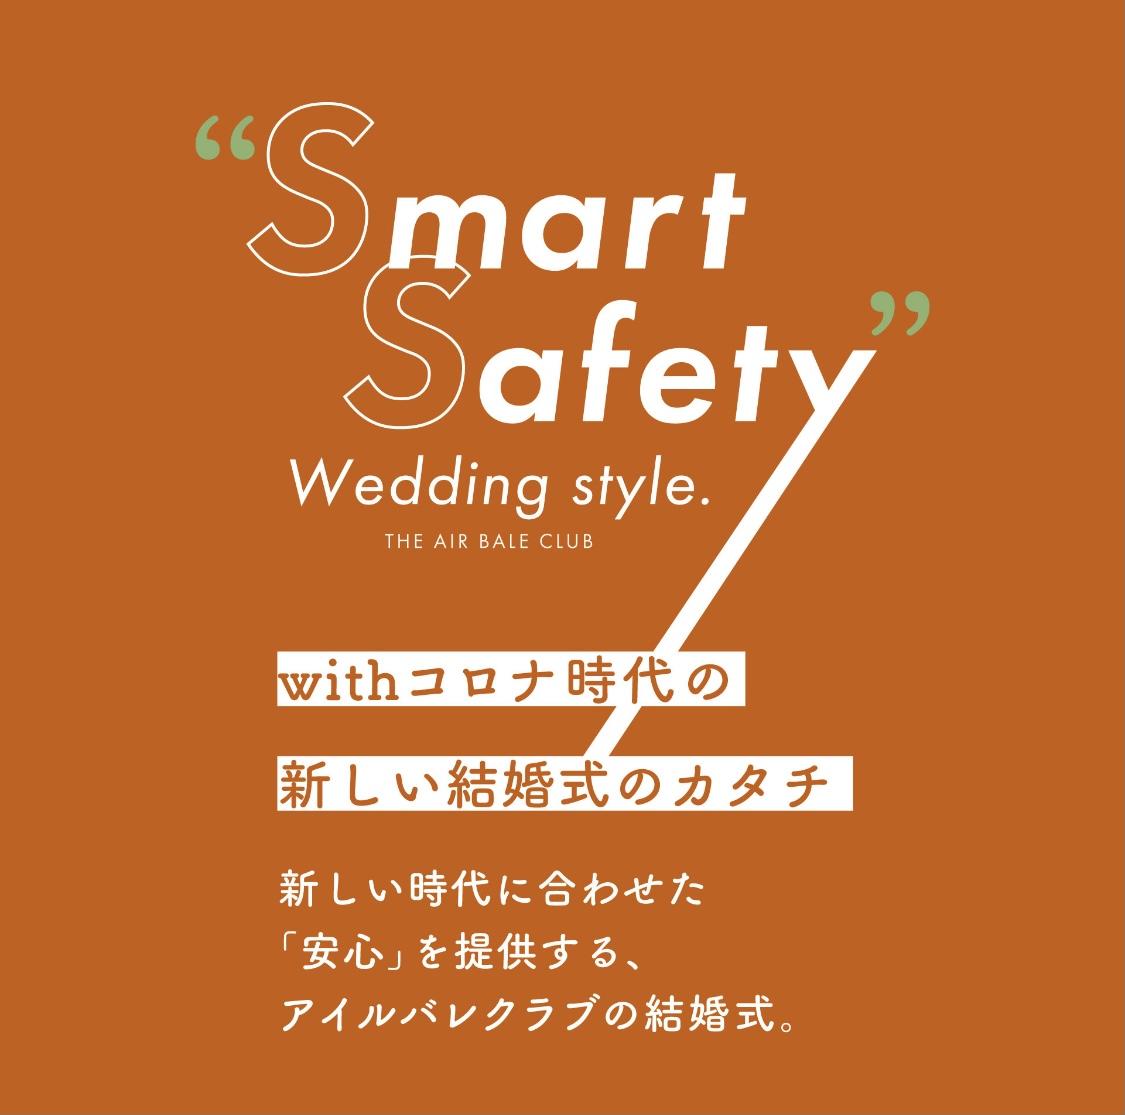 香川県高松市の結婚式場アイルバレクラブの新しい結婚式のカタチ